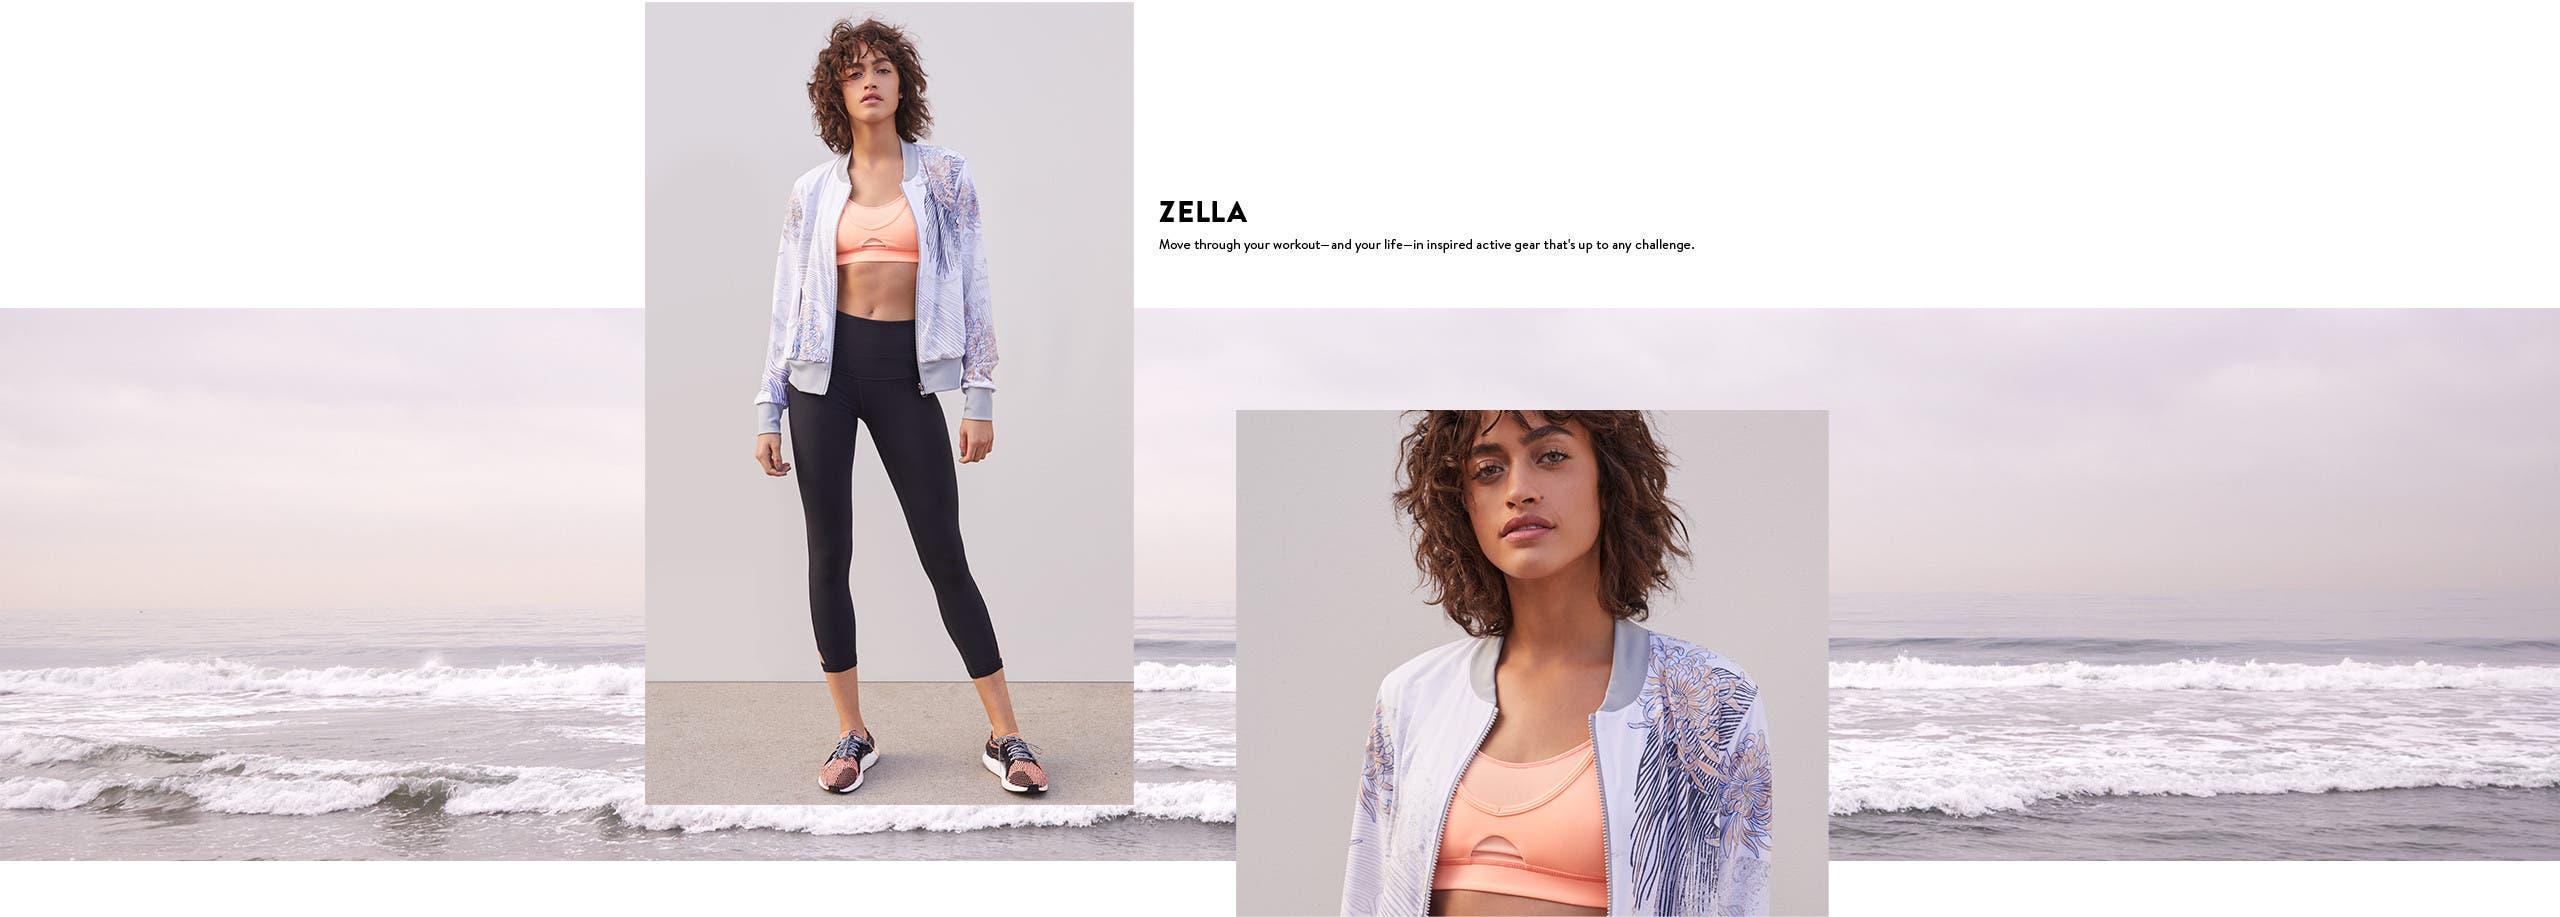 Zella: inspired active gear.